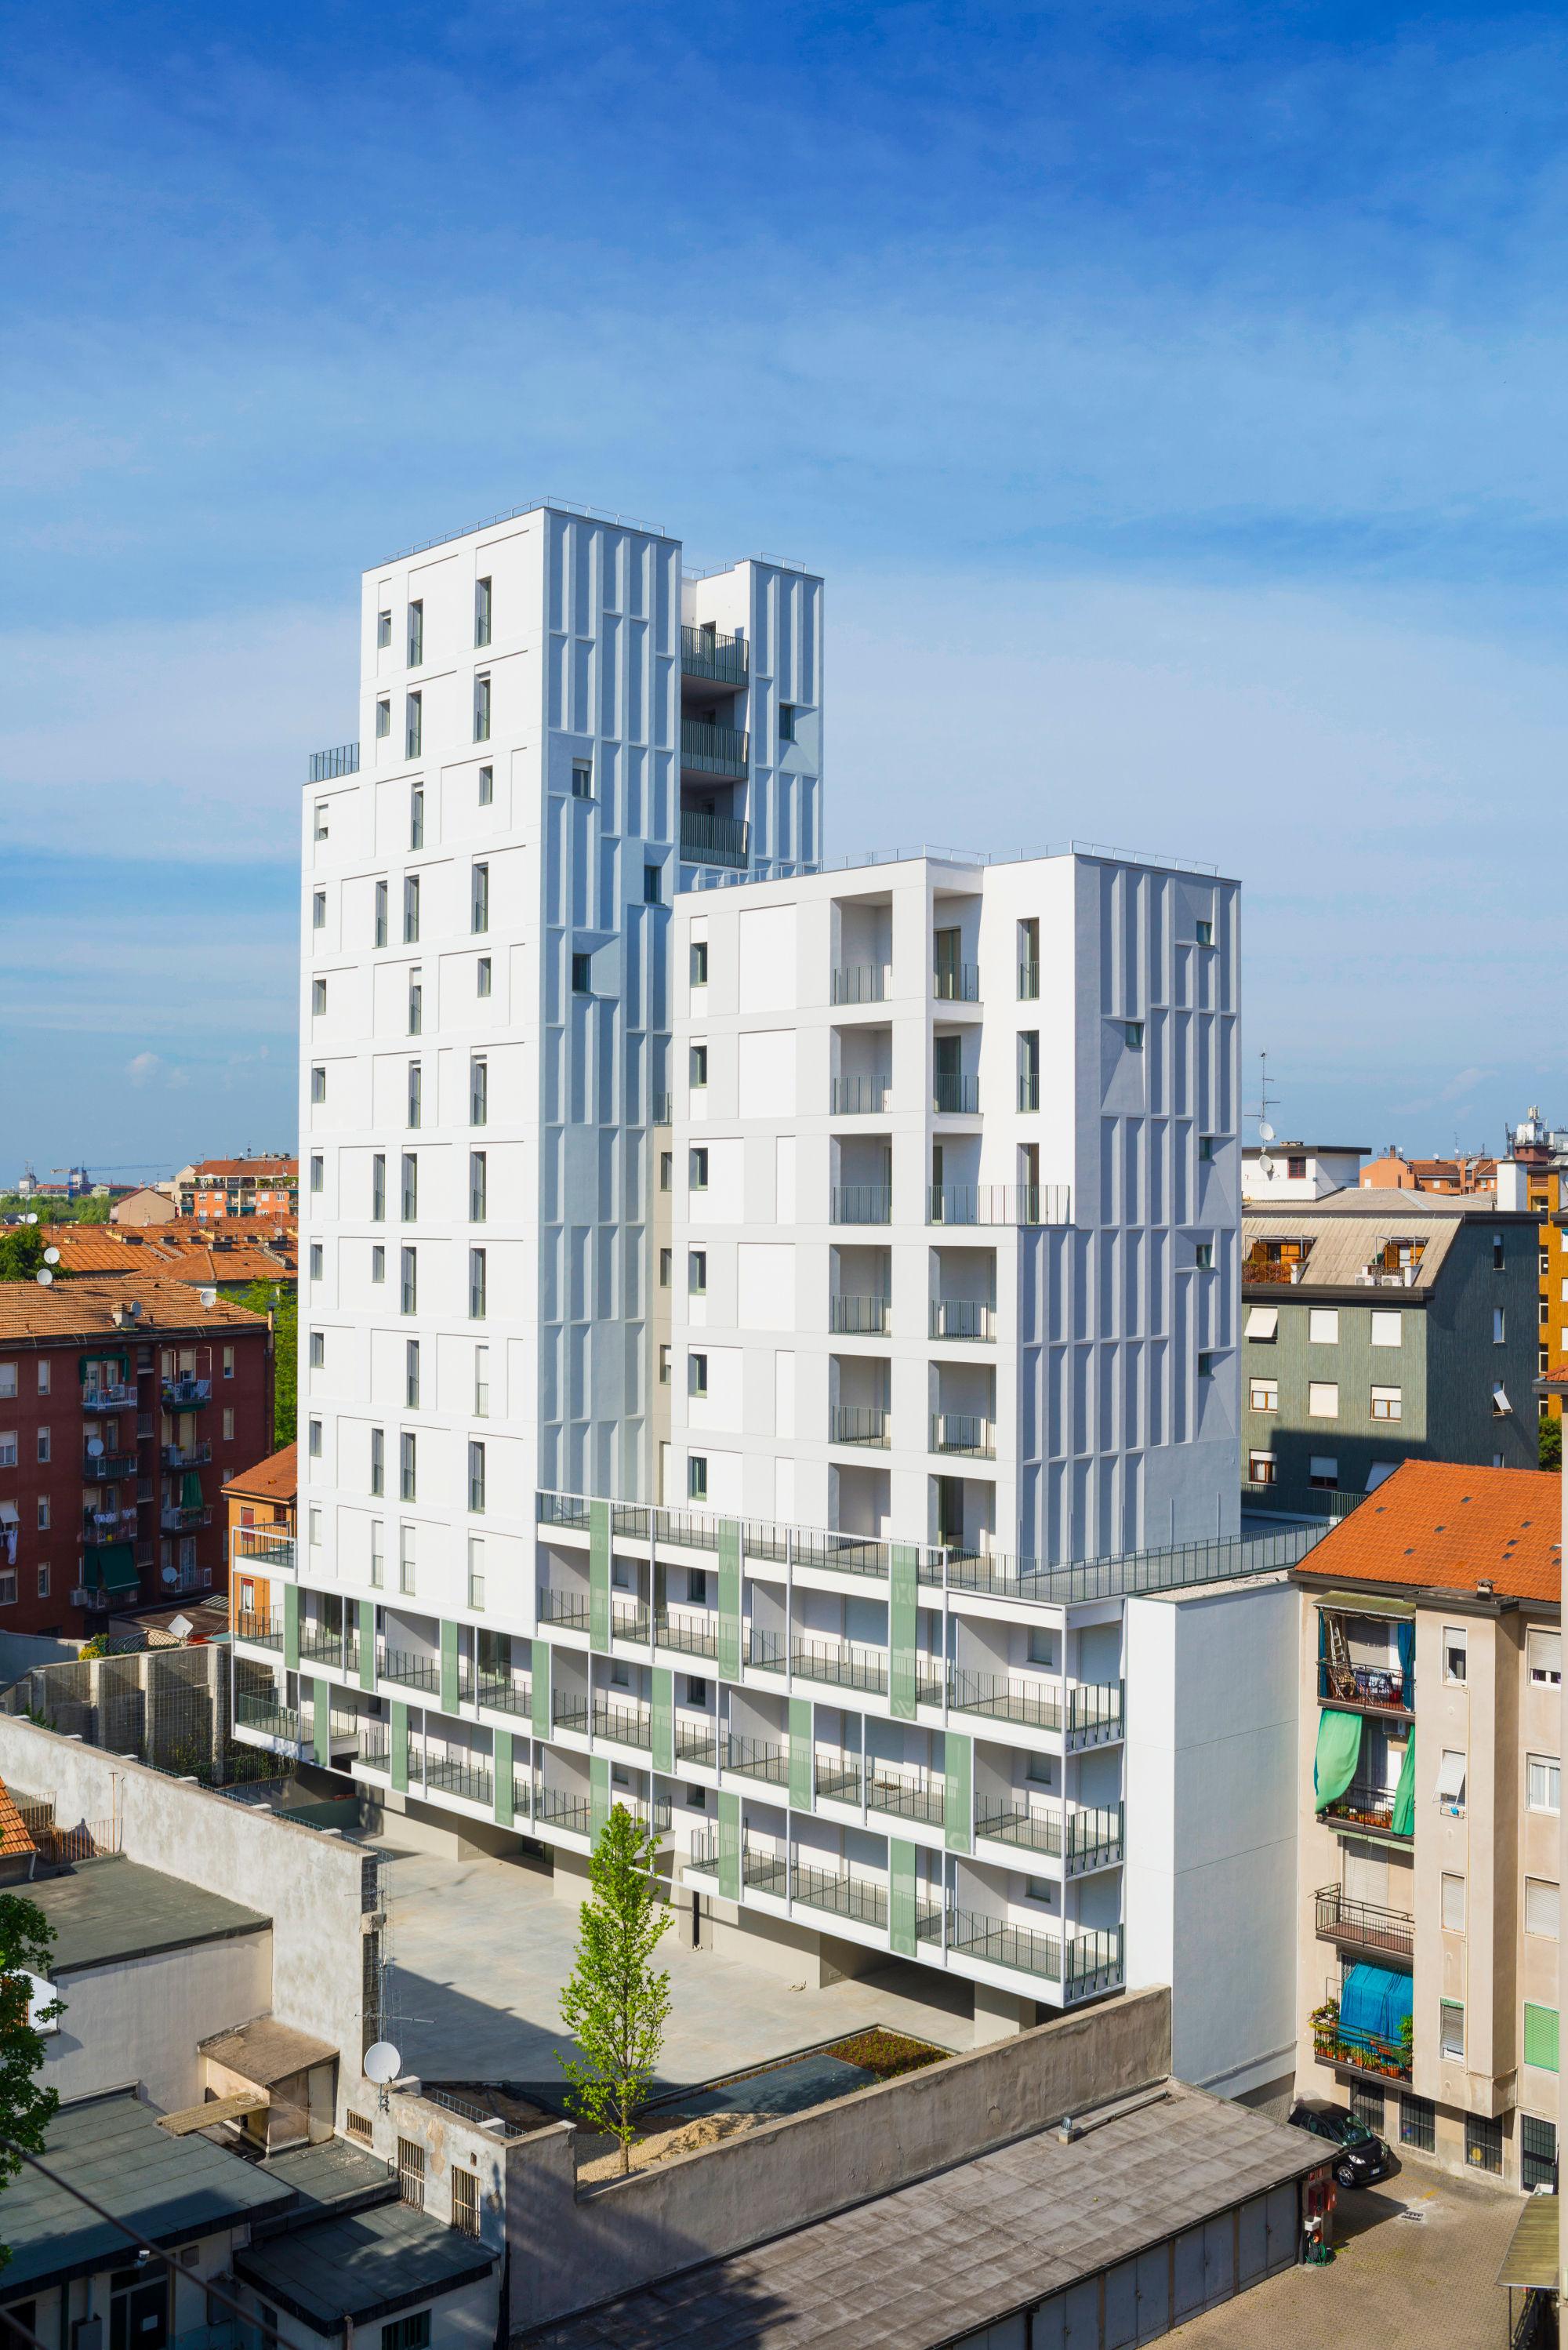 Nuovo edificio residenziale - image 4